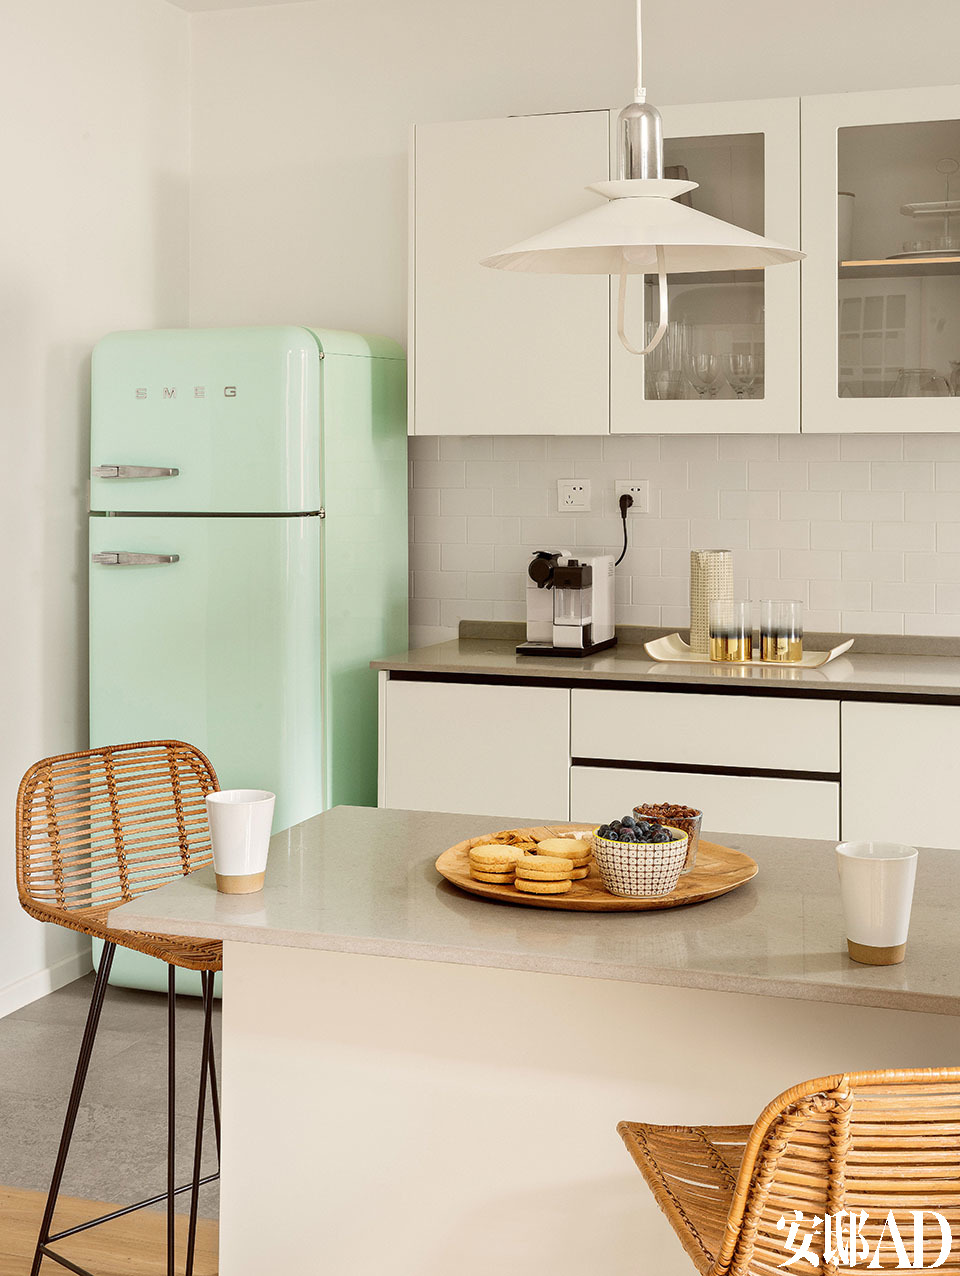 厨房的一角,糖果色冰箱为SMEG品牌。